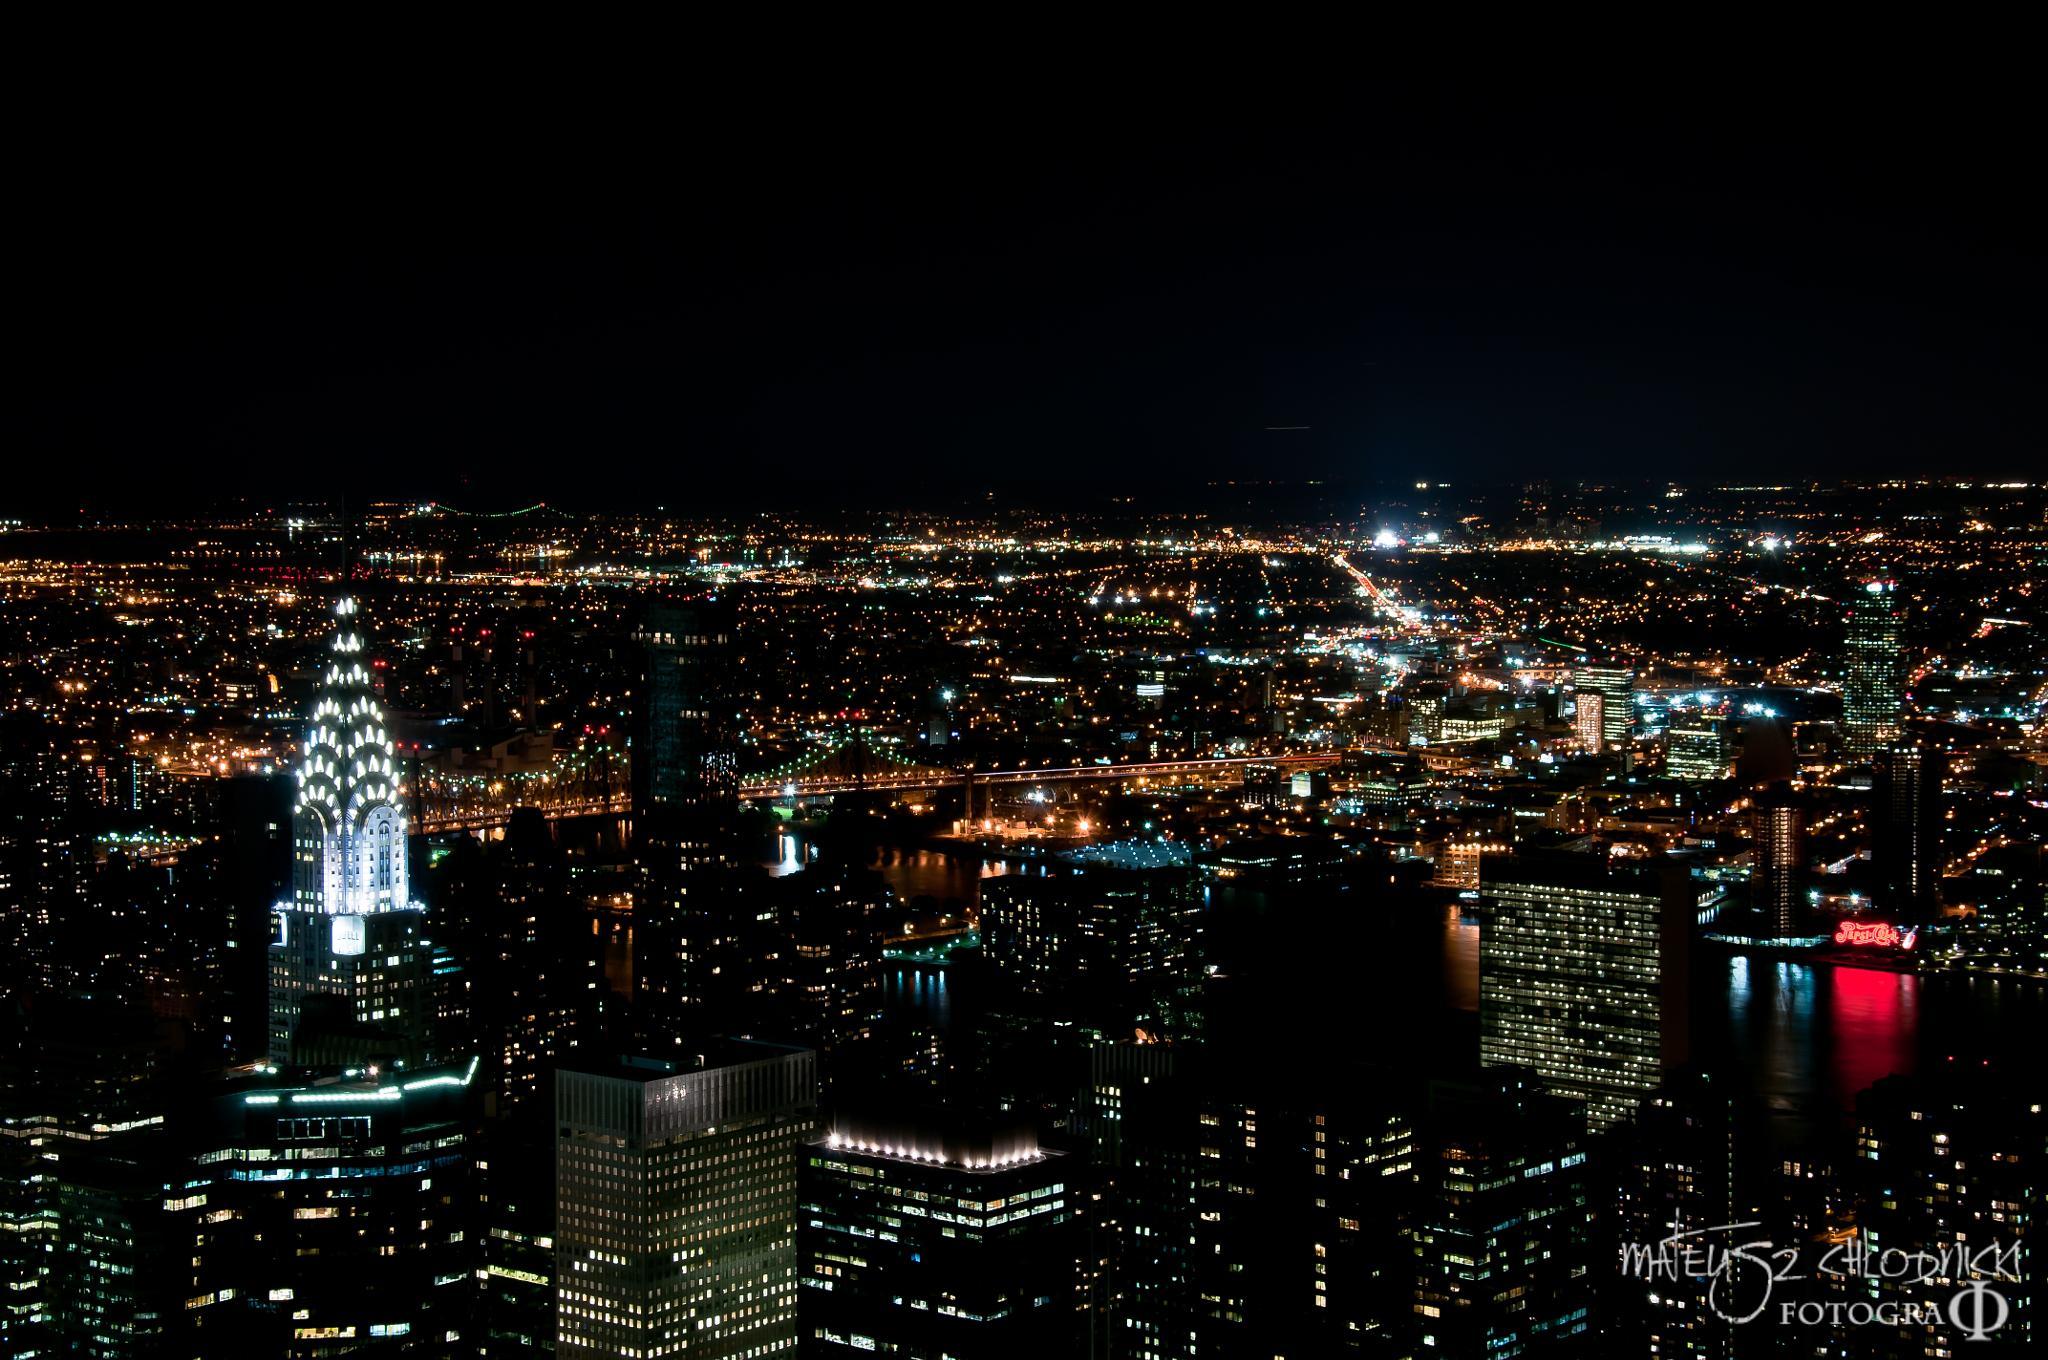 NYC by night by Matt Chlodnicki